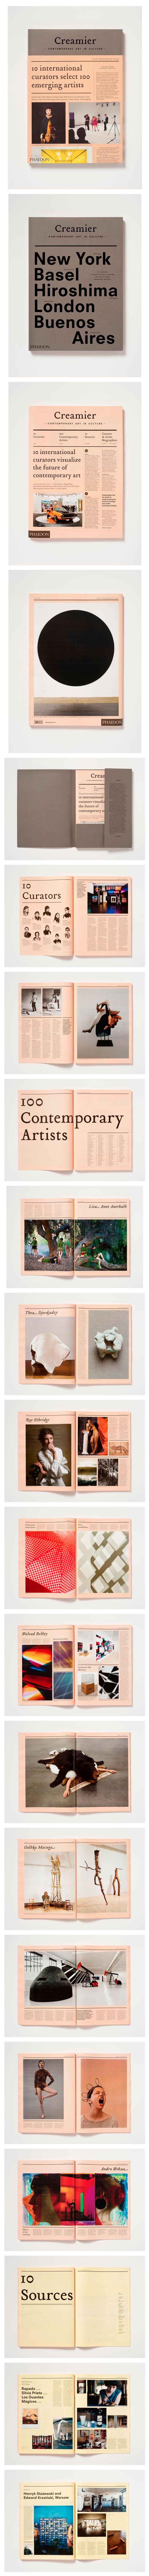 http://www.behance.net/gallery/Creamier/6545775